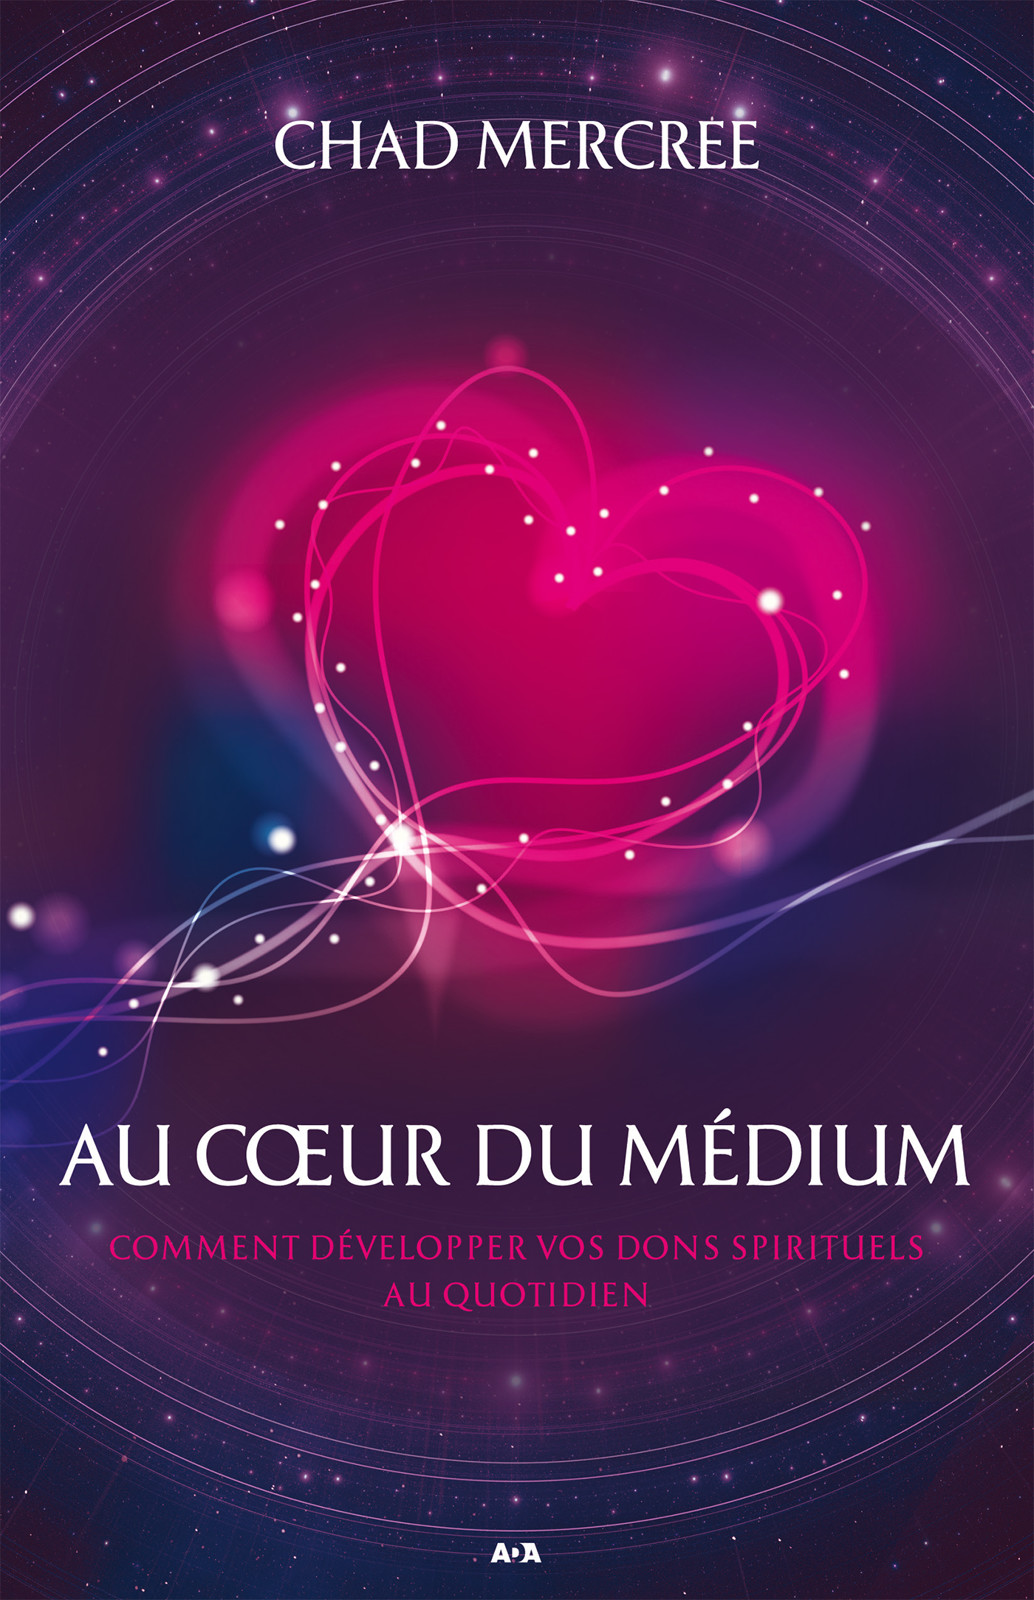 Au coeur du médium